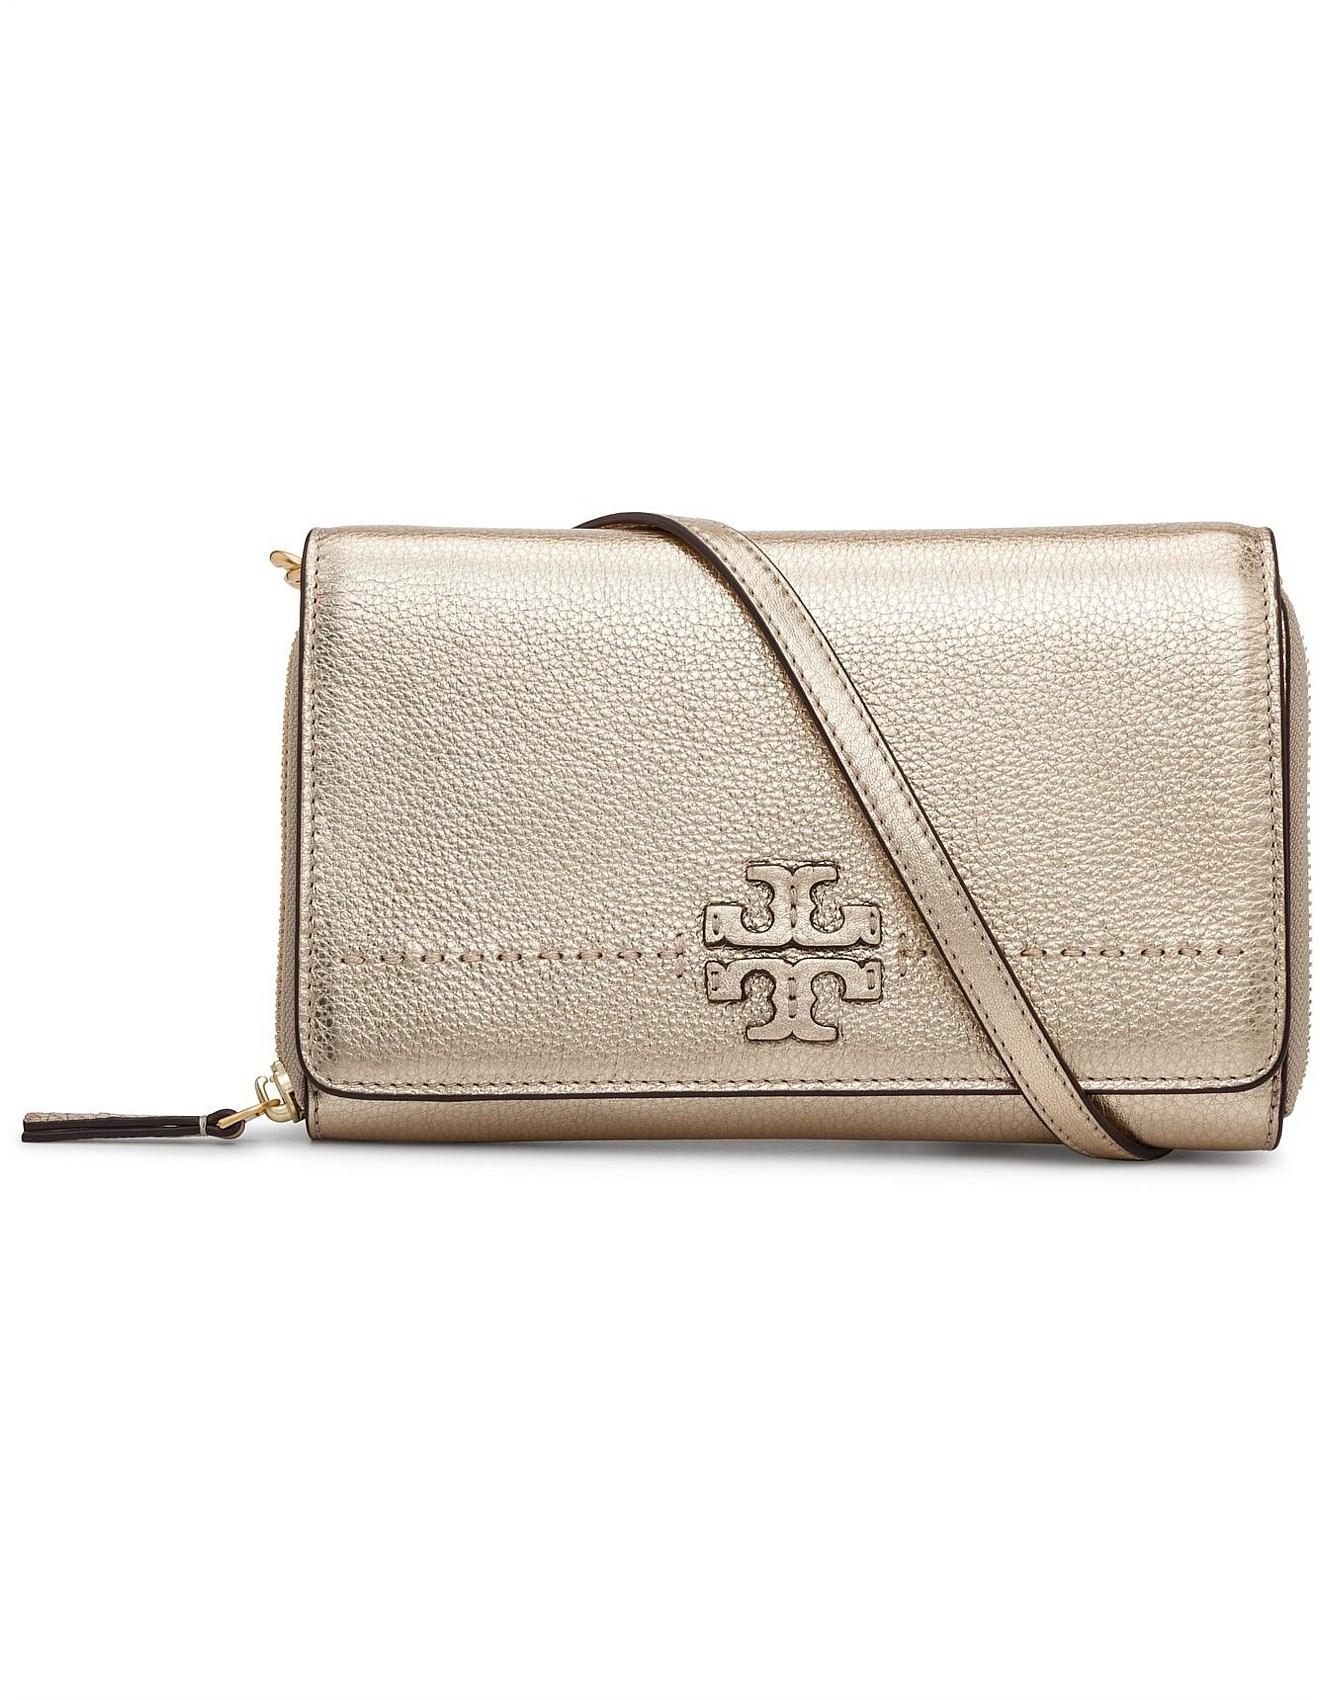 16508018f67 Designer Handbags For Women | Buy Ladies Bags Online | David Jones ...